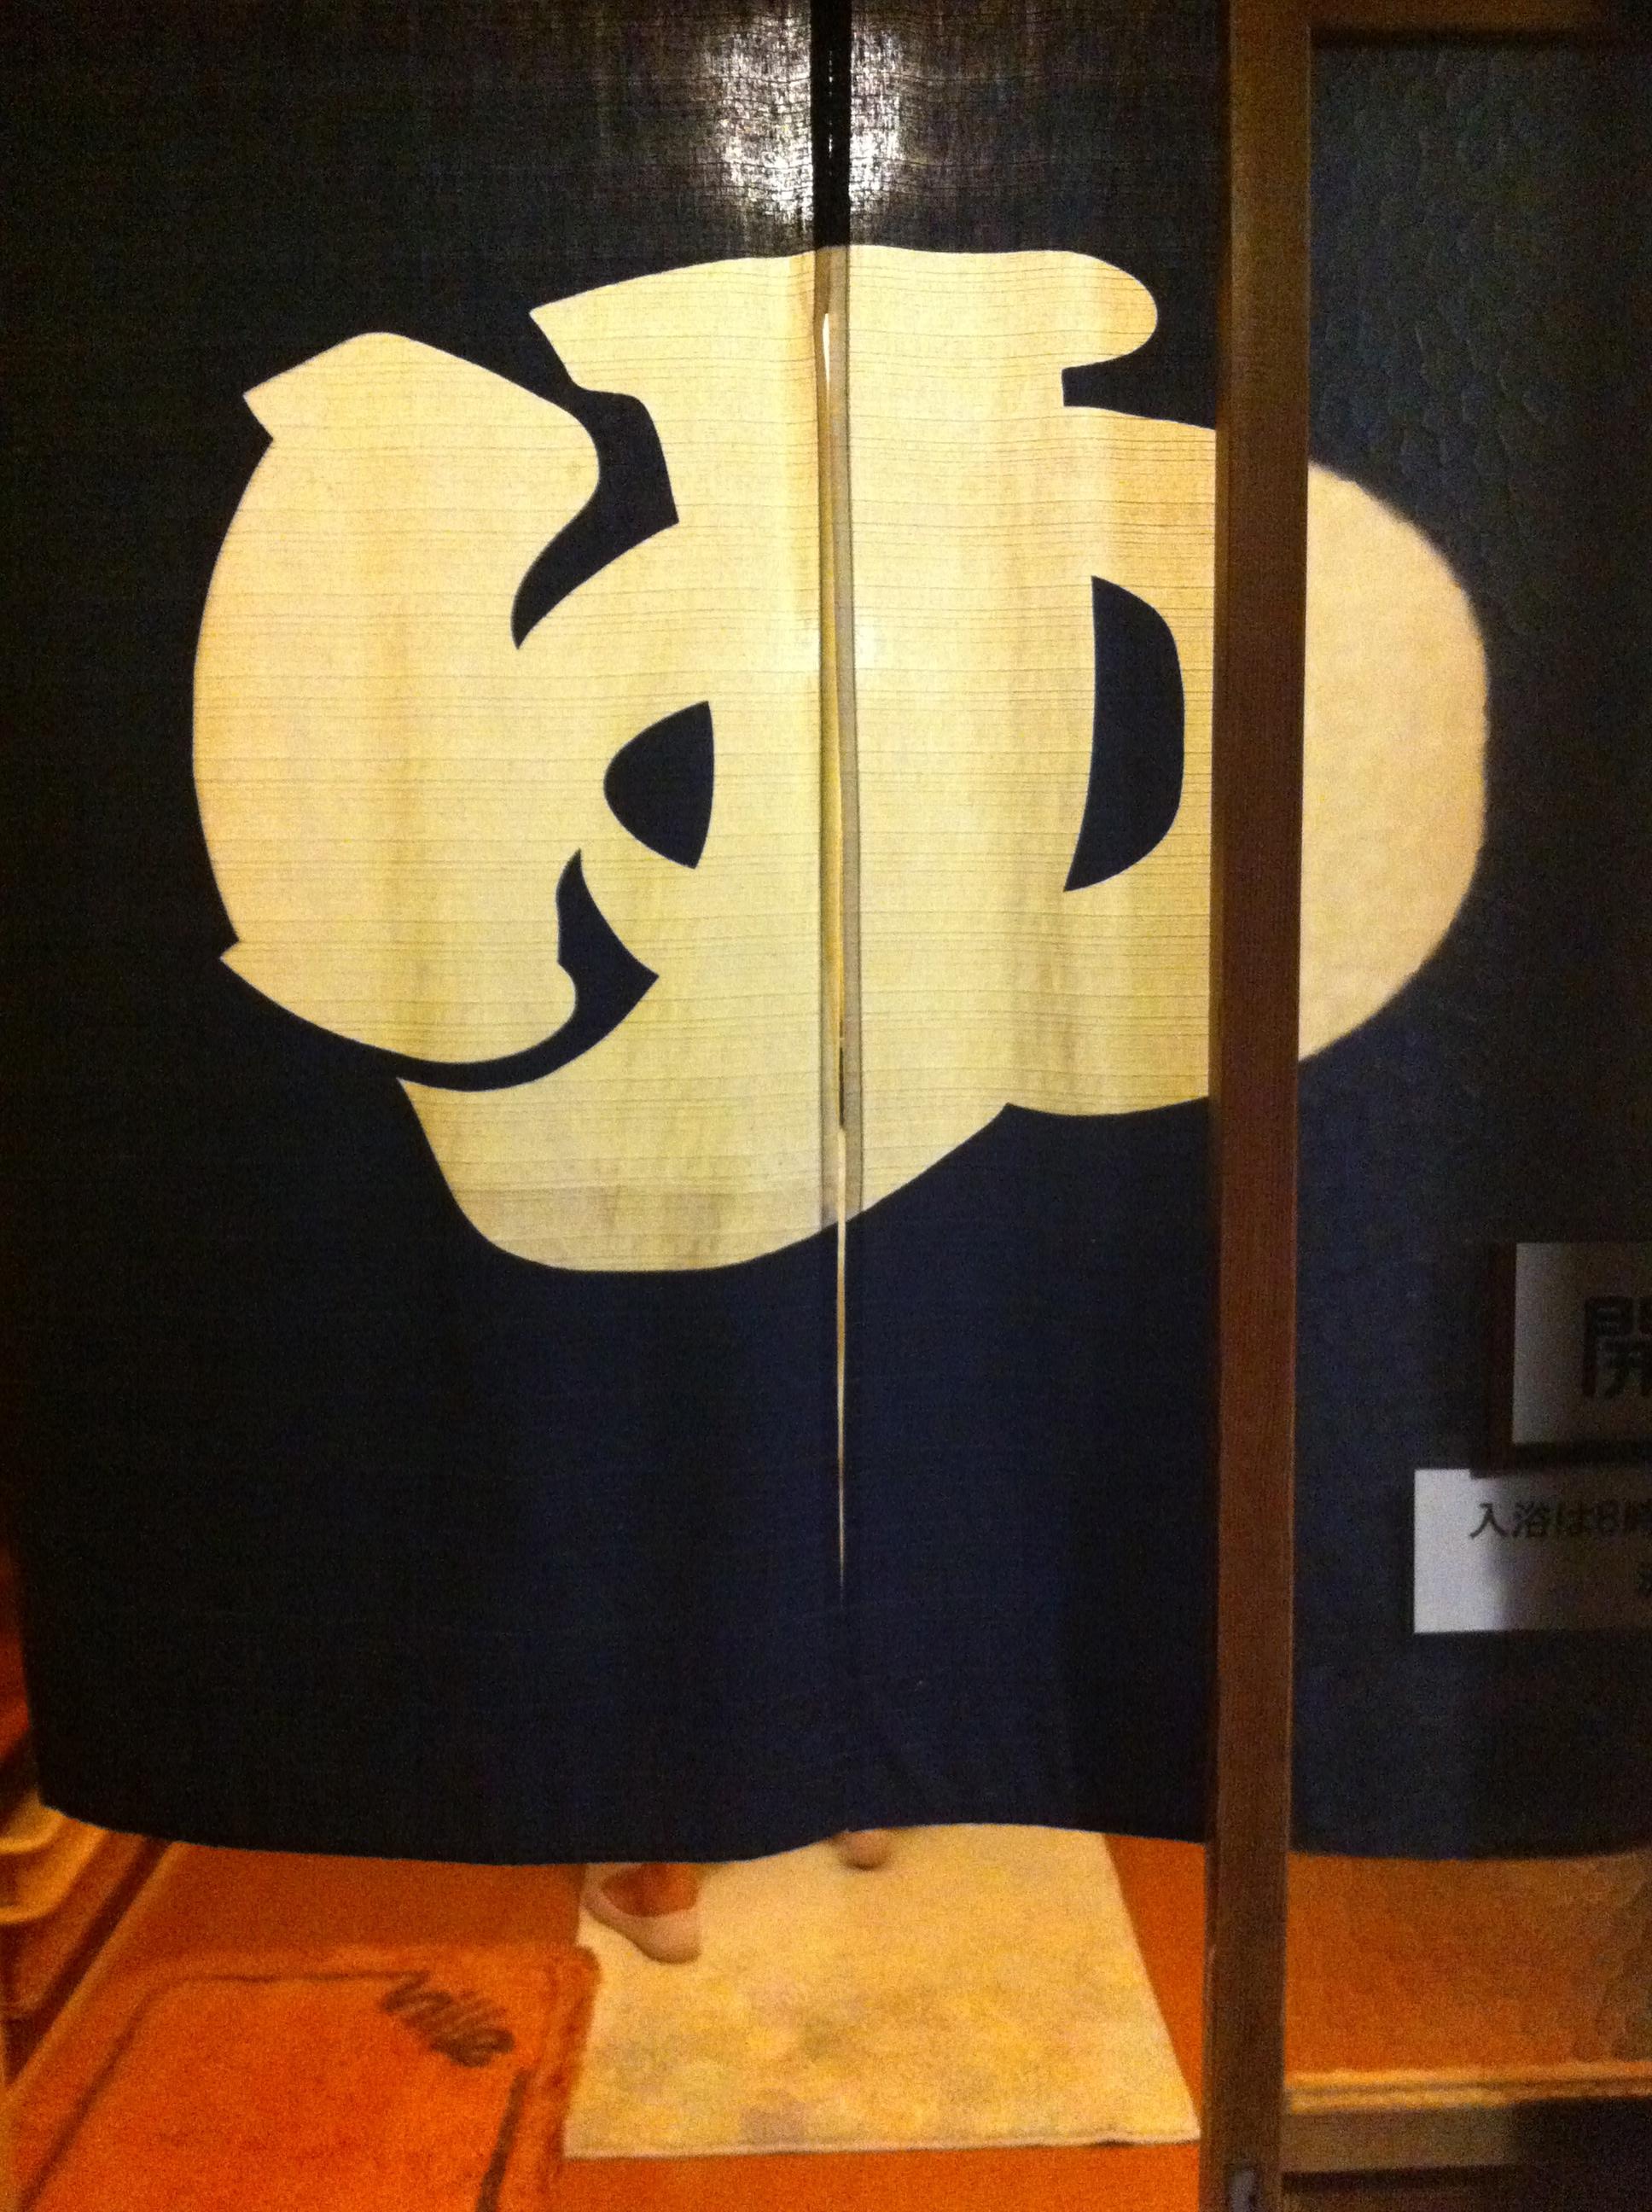 Oftmals Sind Diese Traditionell Japanisch Eingerichtet Und Holzstrukturen  Finden Sich Vermehrt Sowie Der Vorhang Mit Dem Zeichen Für Heißes Wasser:  U201eゆu201c.